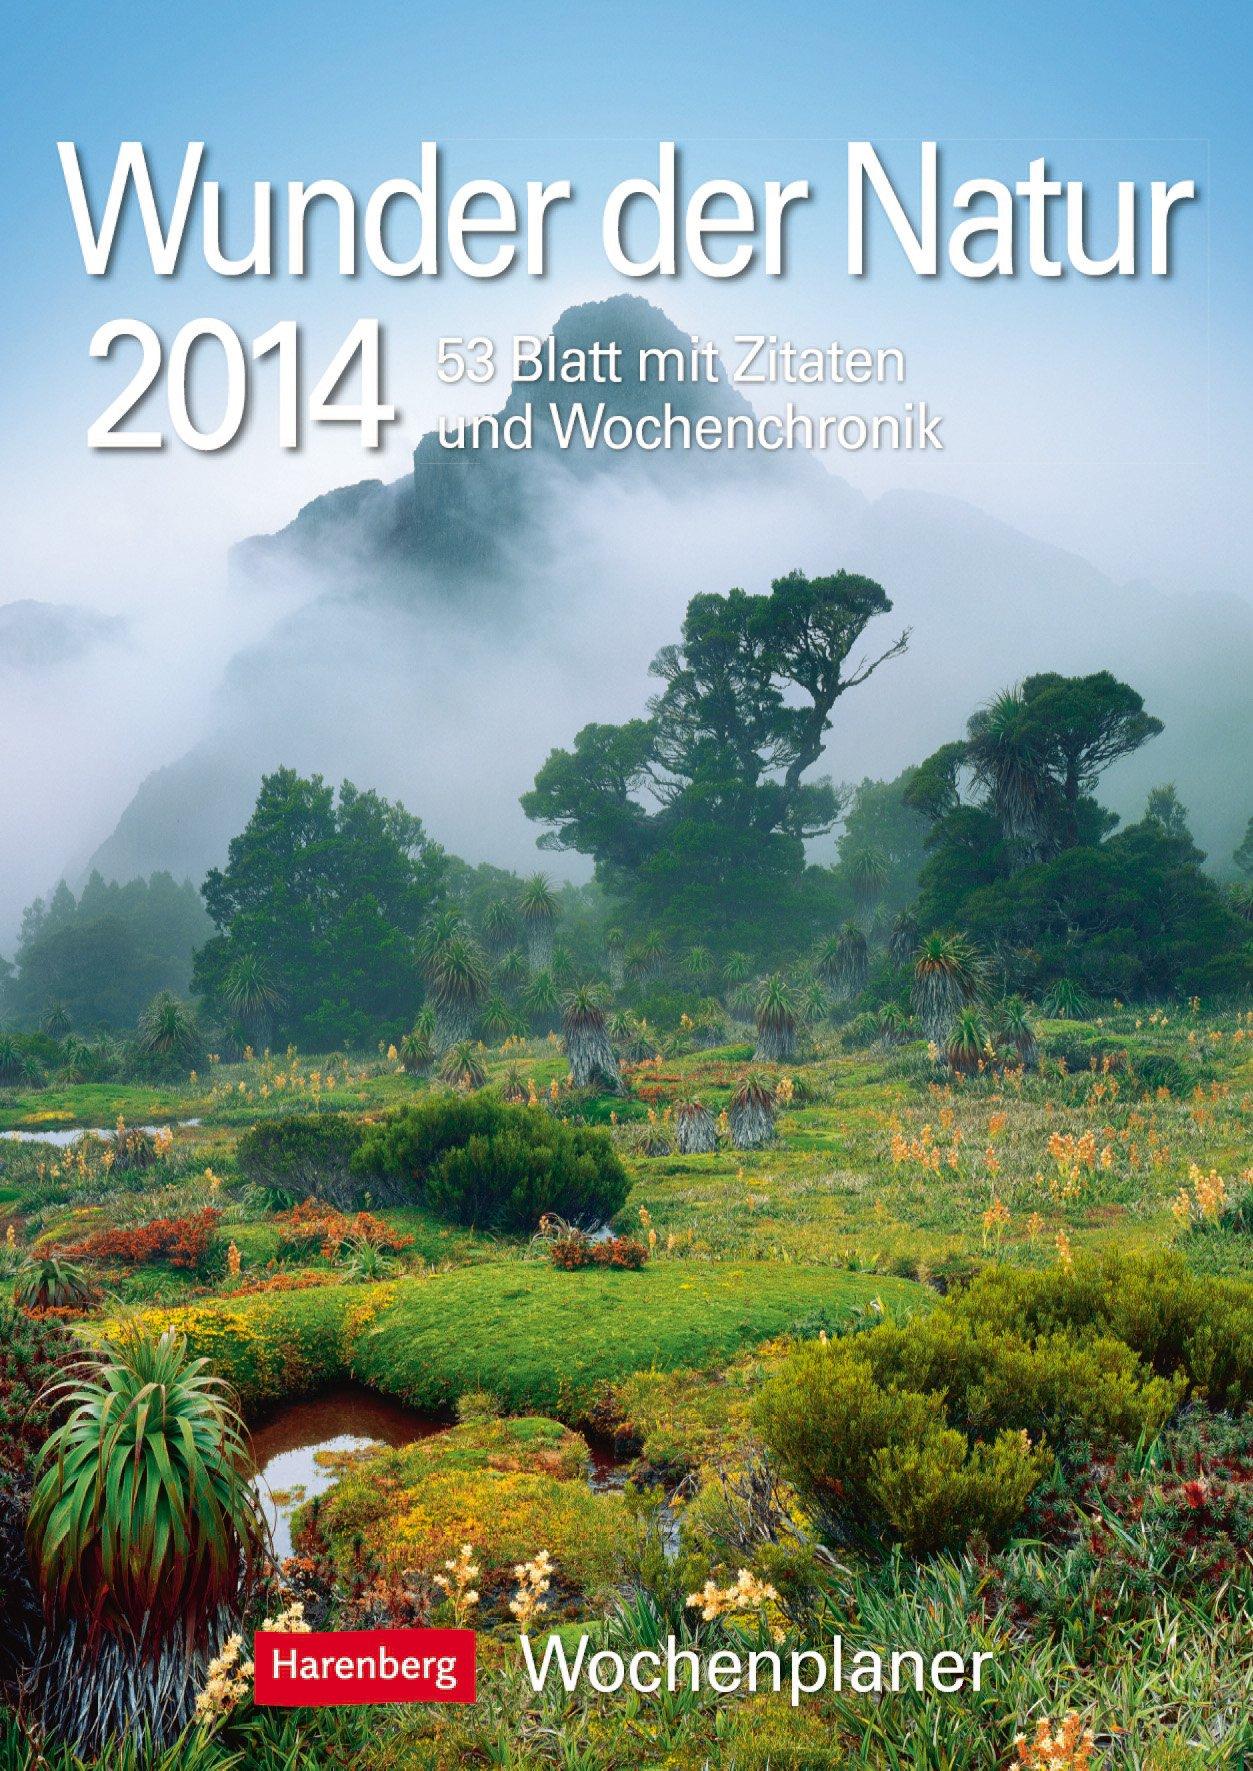 Wunder der Natur 2014: Harenberg Wochenplaner. 53 Blatt mit Zitaten und Wochenchronik